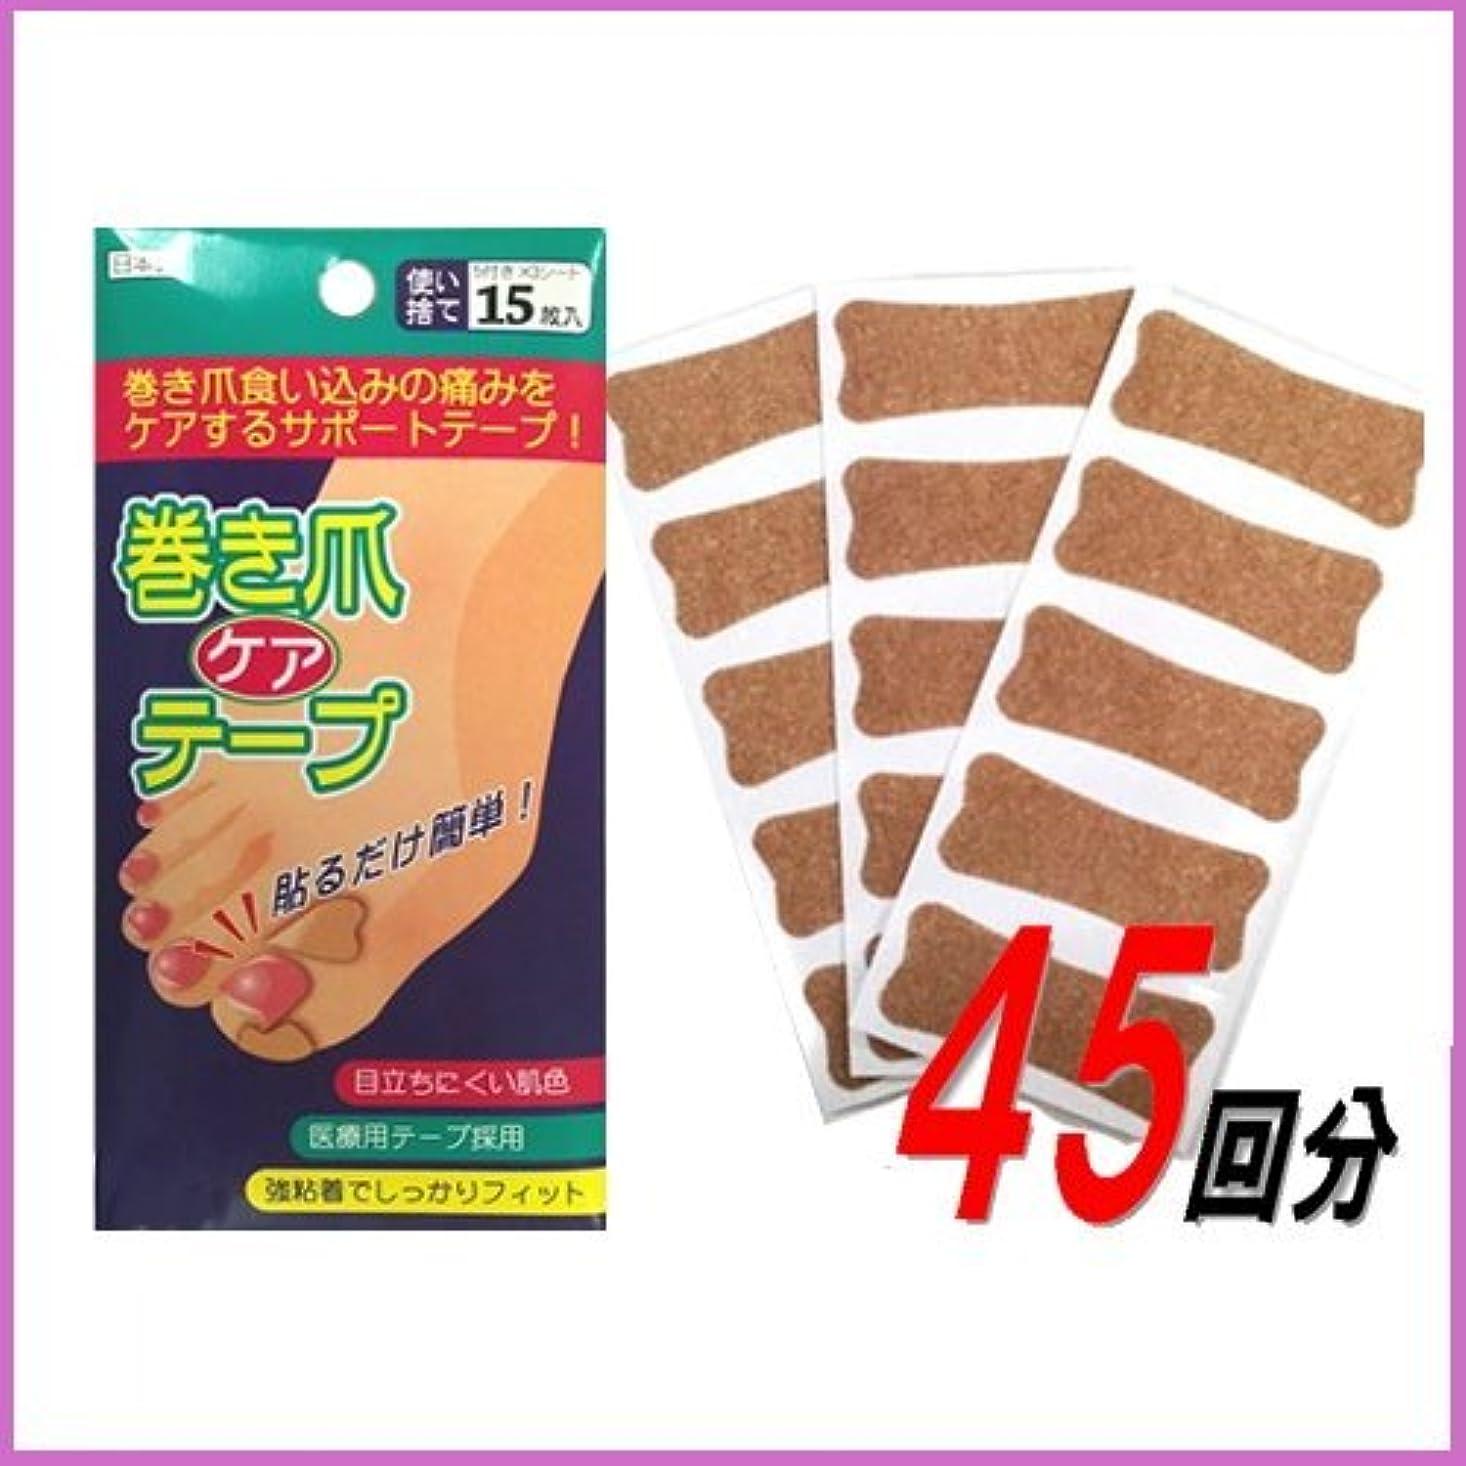 義務付けられた通行料金ピアノを弾く巻き爪 テープ 3個セット ブロック ケア テーピング 日本製